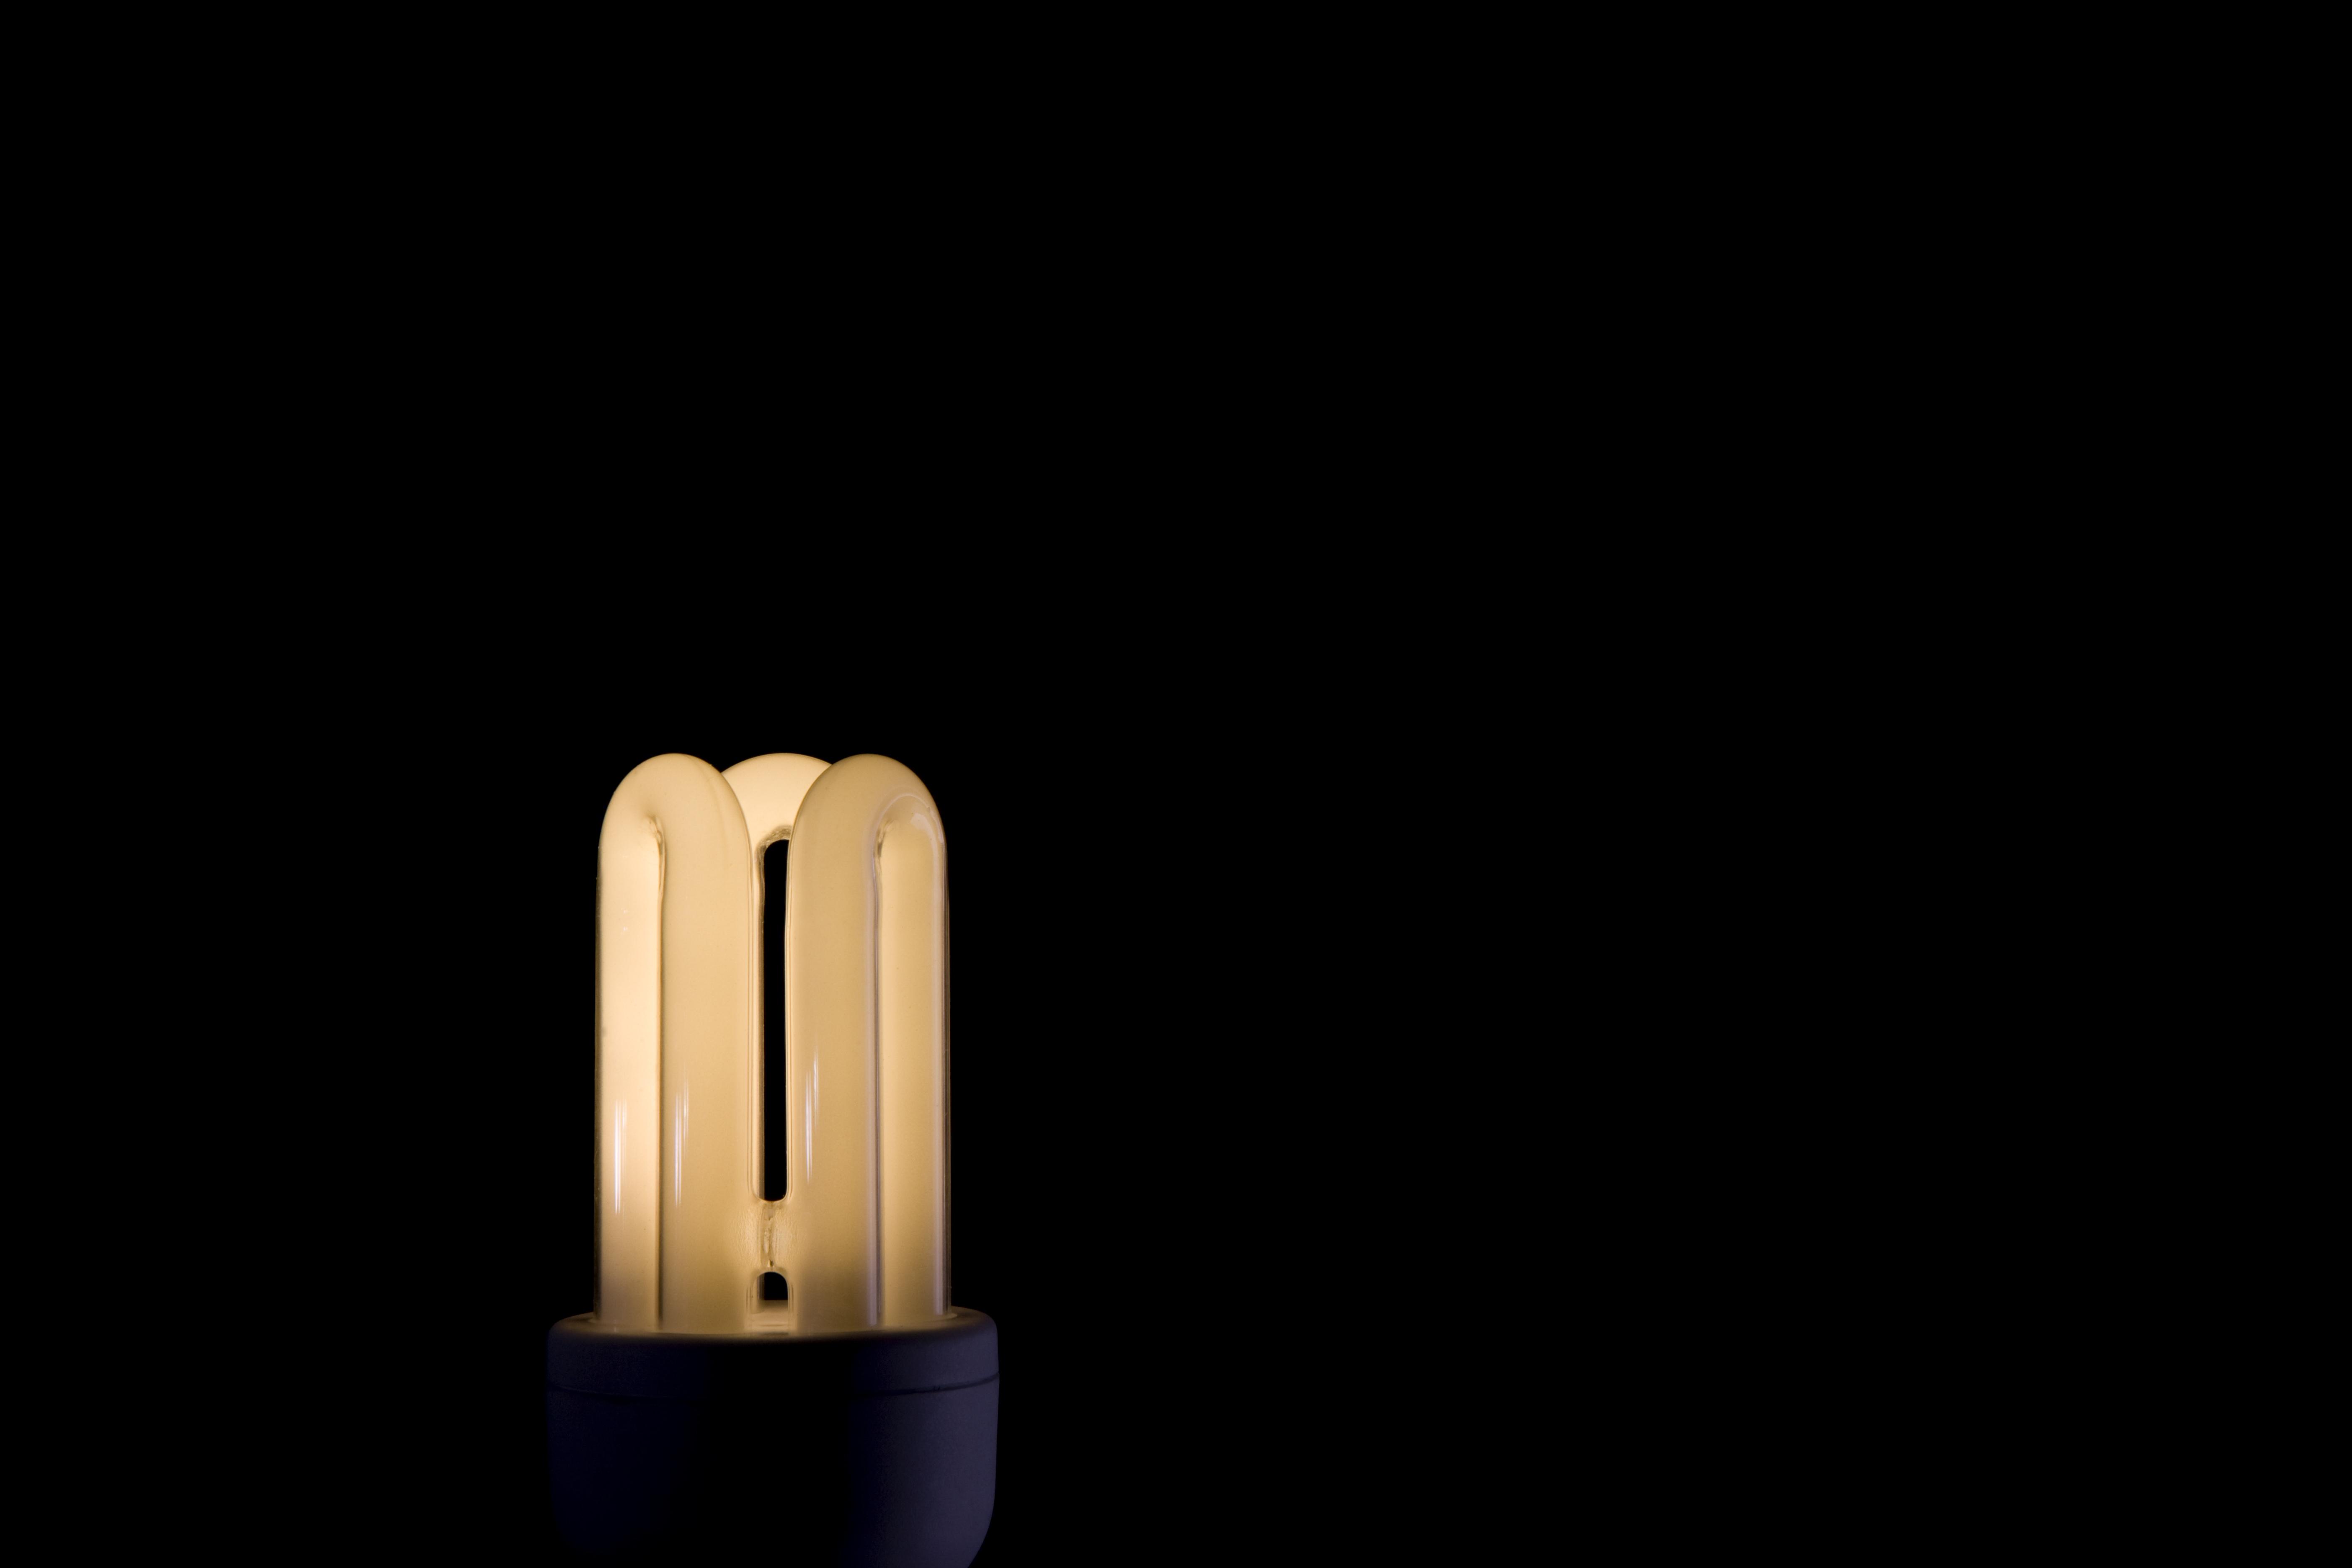 la luz podría subir un 50% en las viviendas con menos consumo